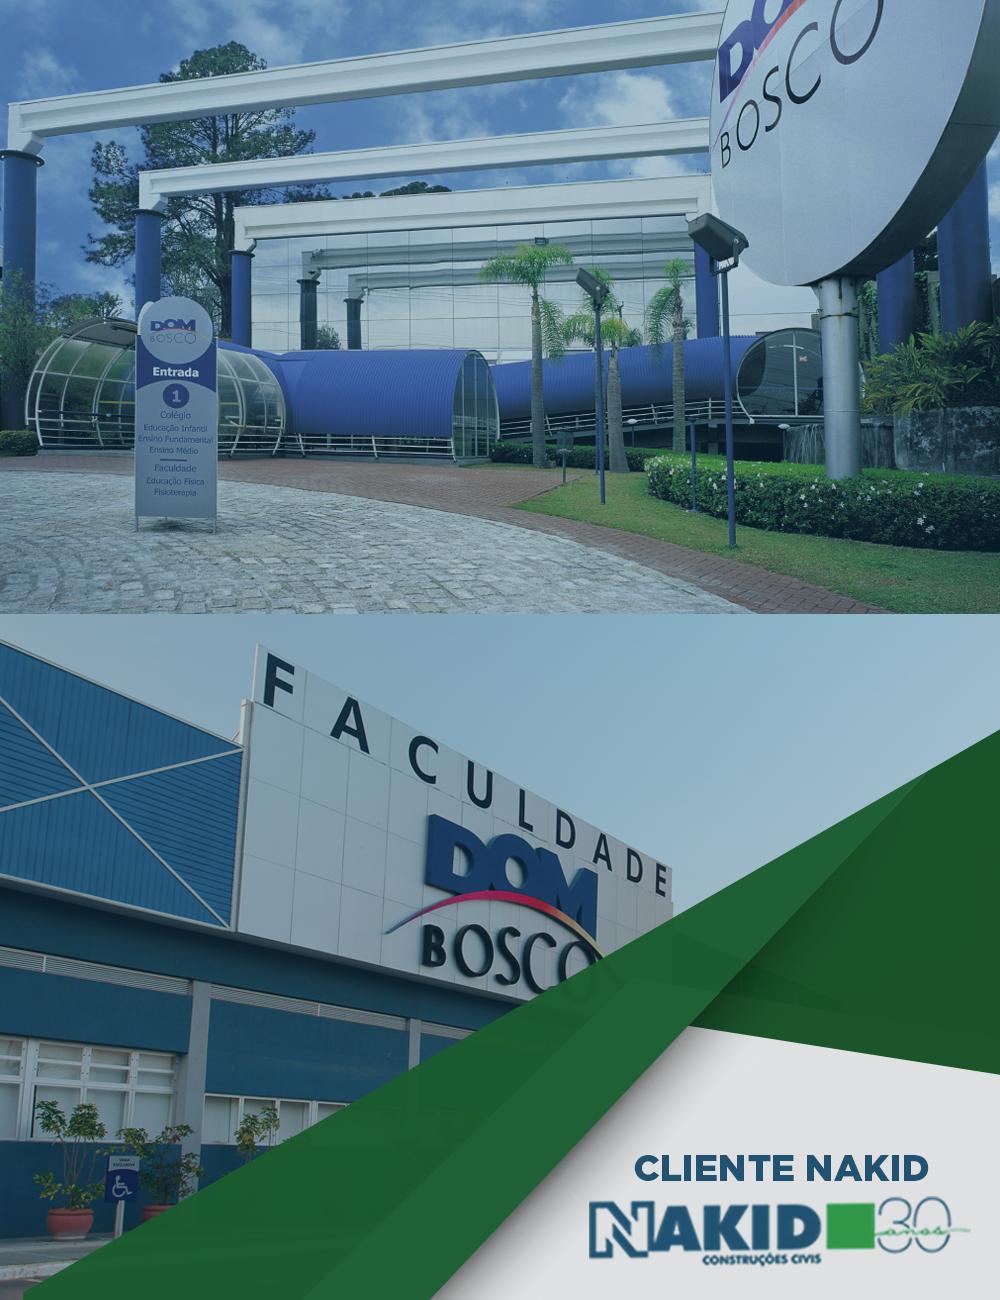 Você sabia que os dois campus da Faculdade Dom Bosco são construções Nakid? Localizadas nos bairros Guaíra e Mercês, os espaços possuem uma infraestrutura inovadora para o desenvolvimento acadêmico. Acesse nosso site e conheça nosso portfolio: www.nakid.com.br.